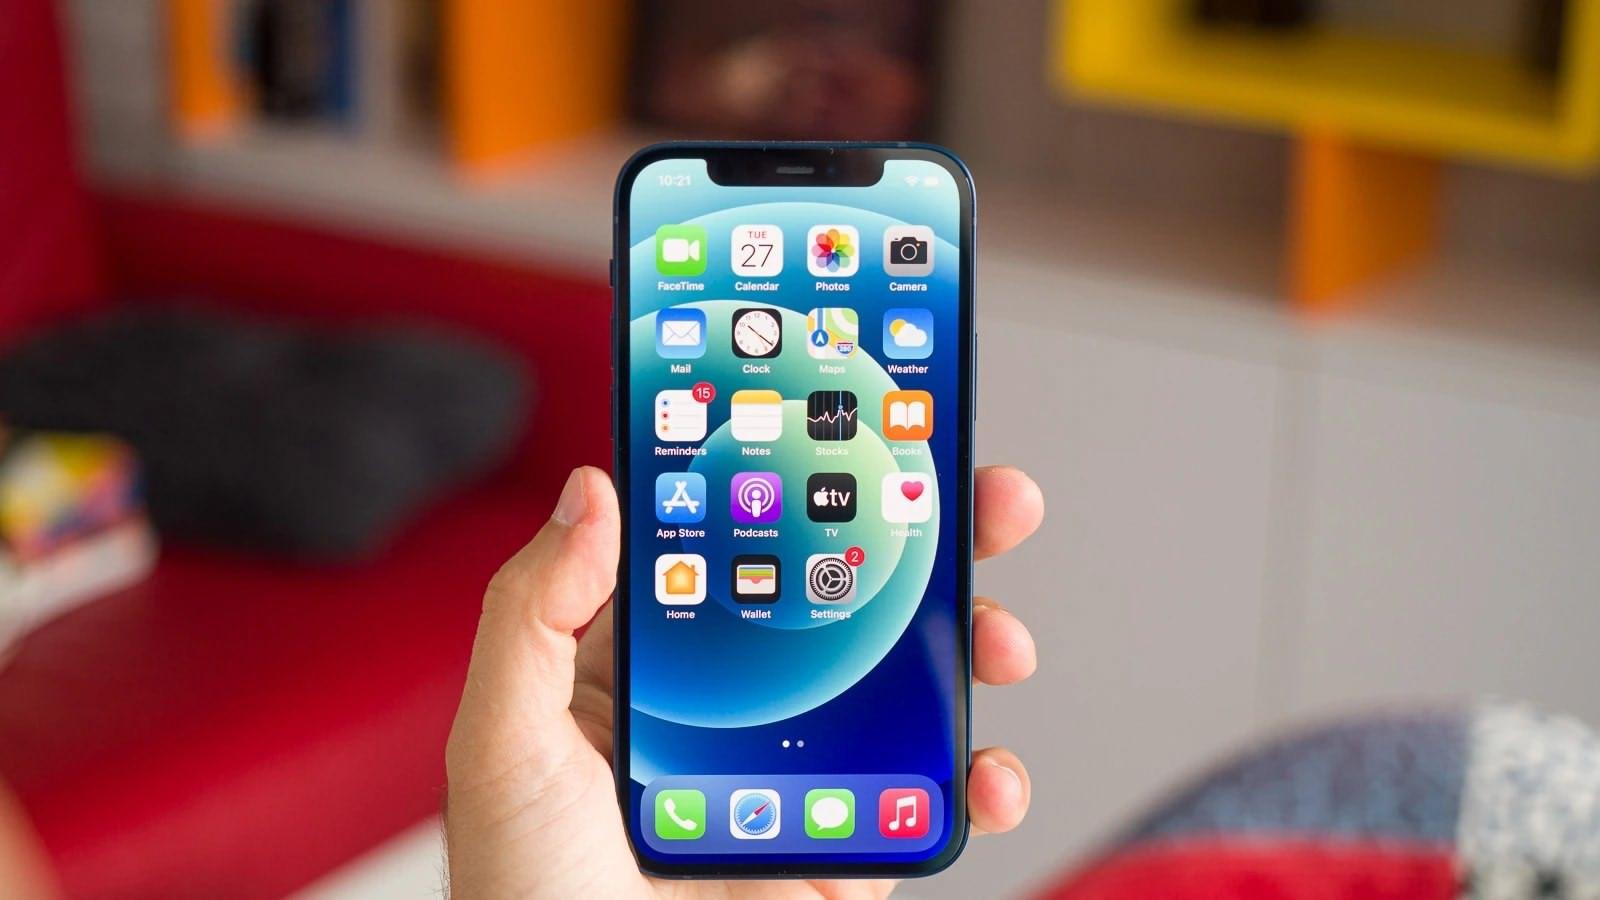 خرید پنل های اولد توسط اپل در سال ۲۰۲۱ بیشتر از هر شرکت دیگری خواهد بود